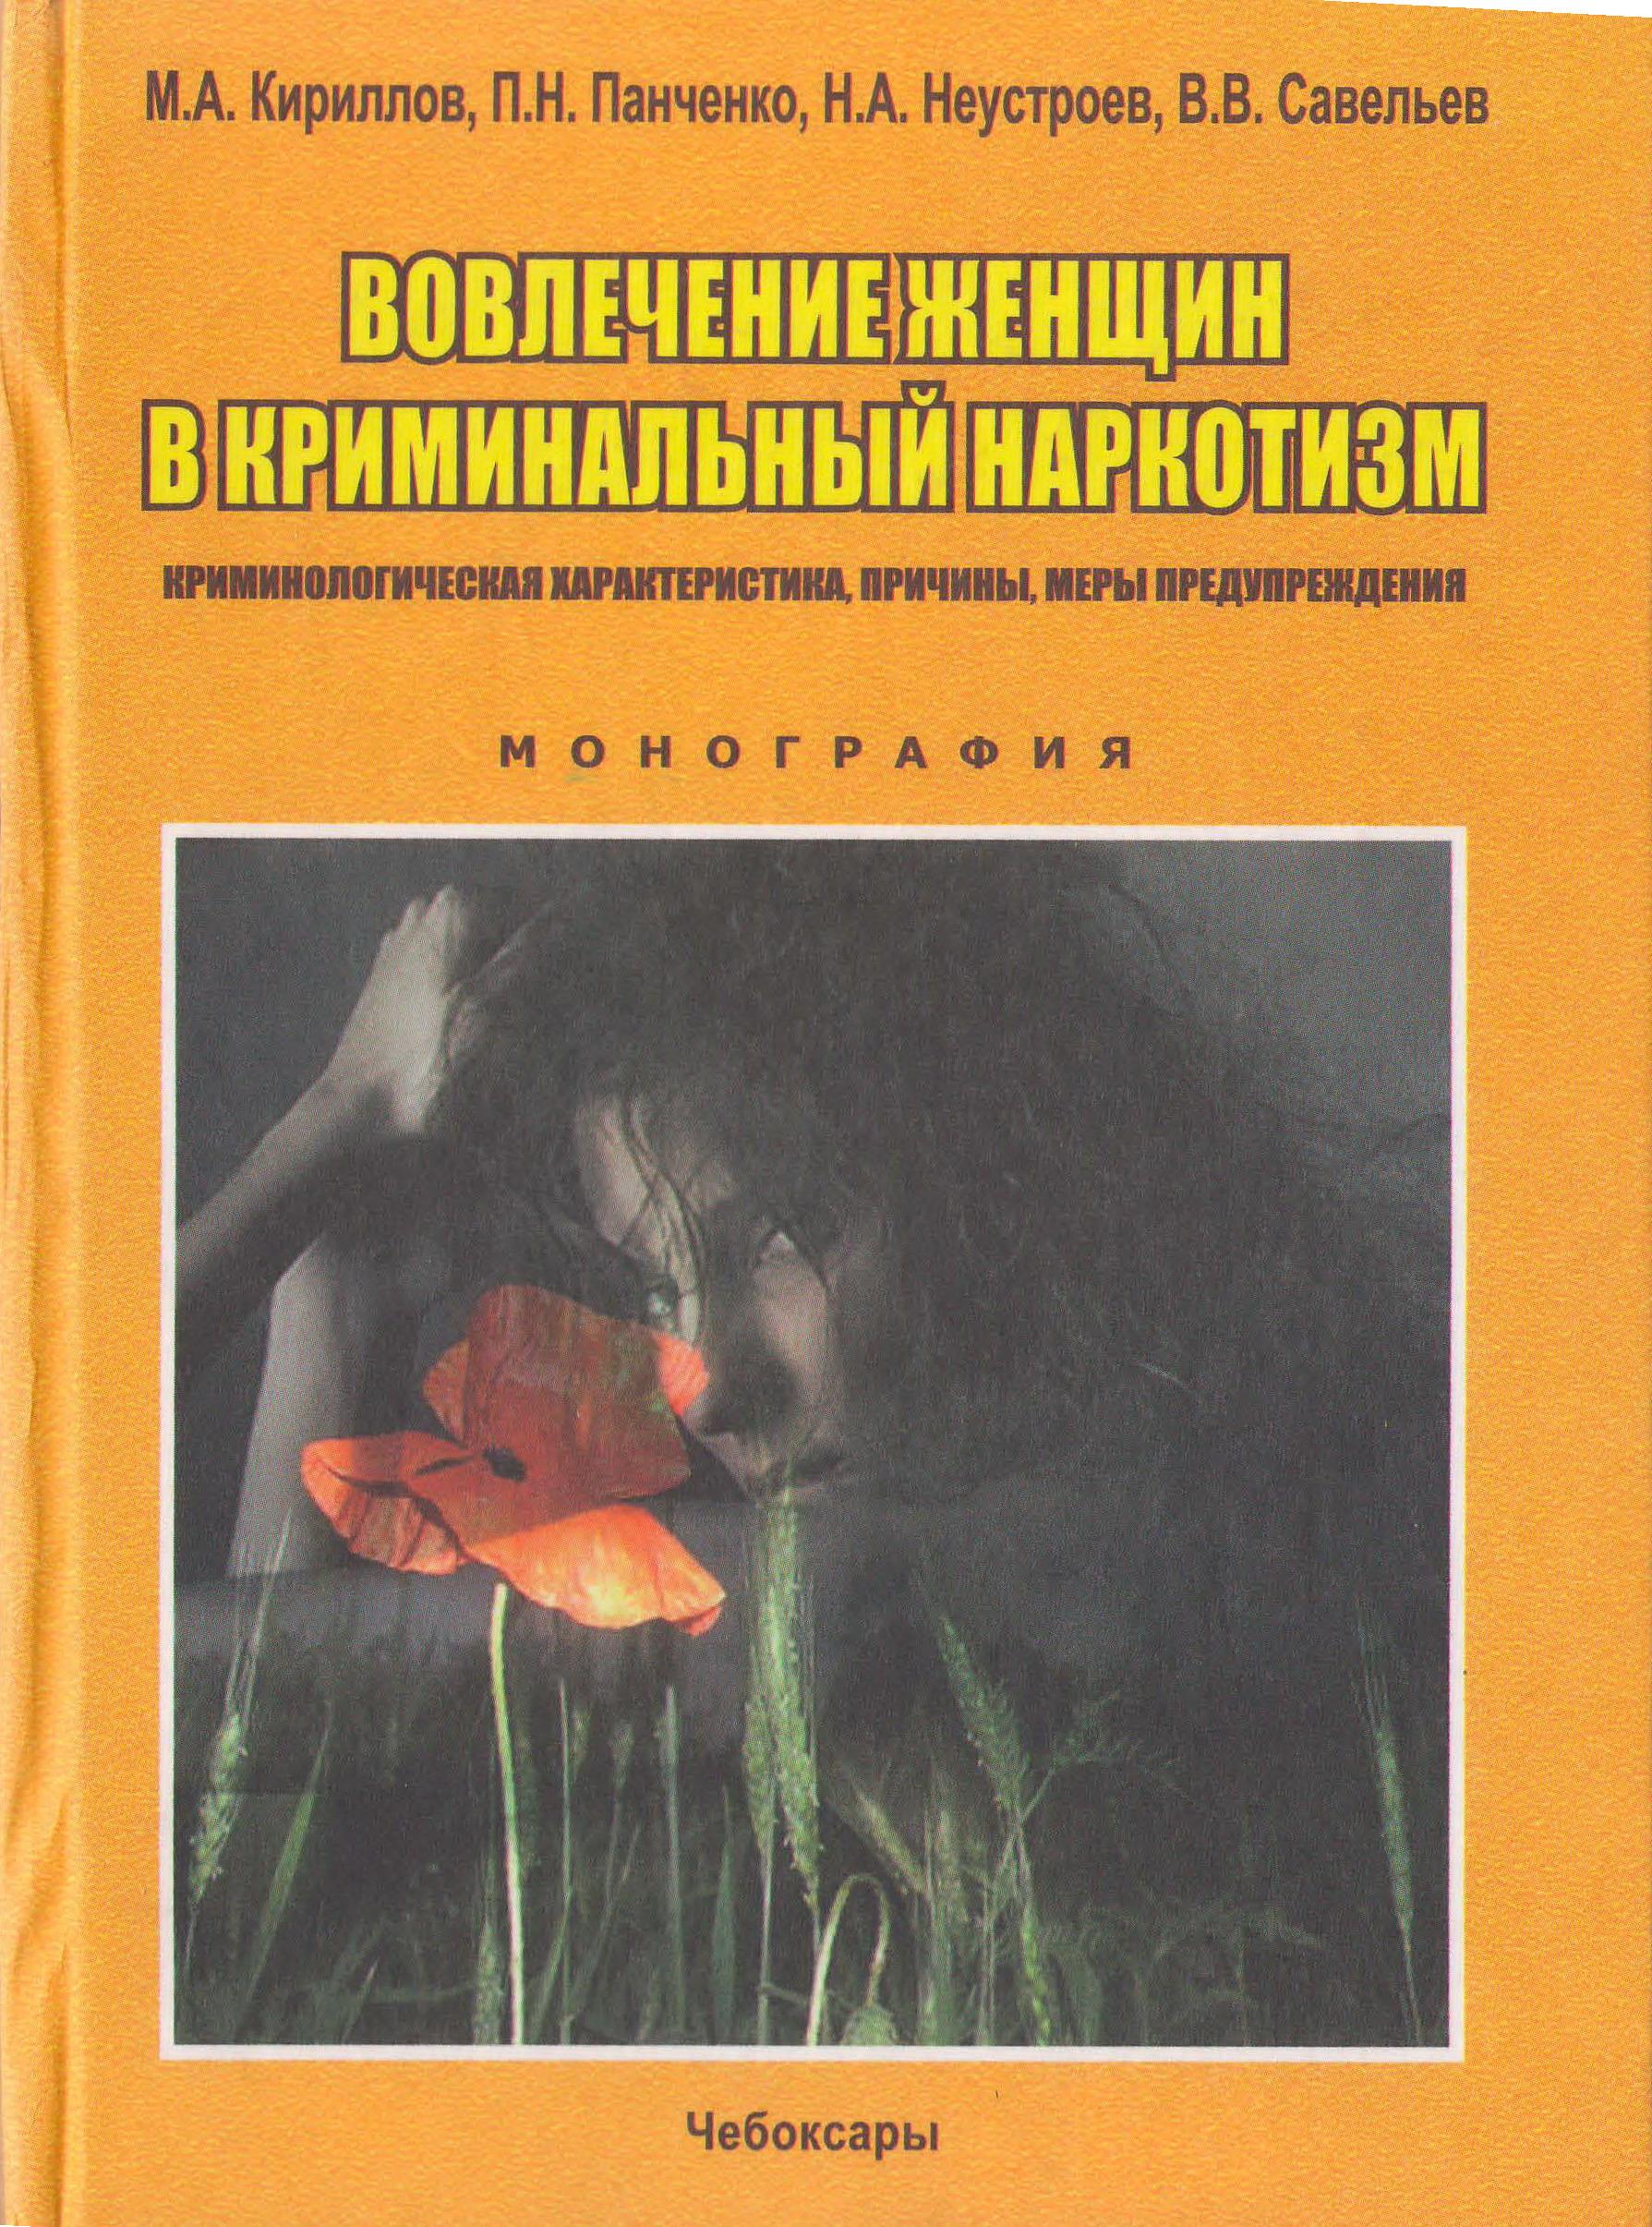 Вовлечение женщин в криминальный наркотизм (криминологическая характеристика, меры предупреждения)